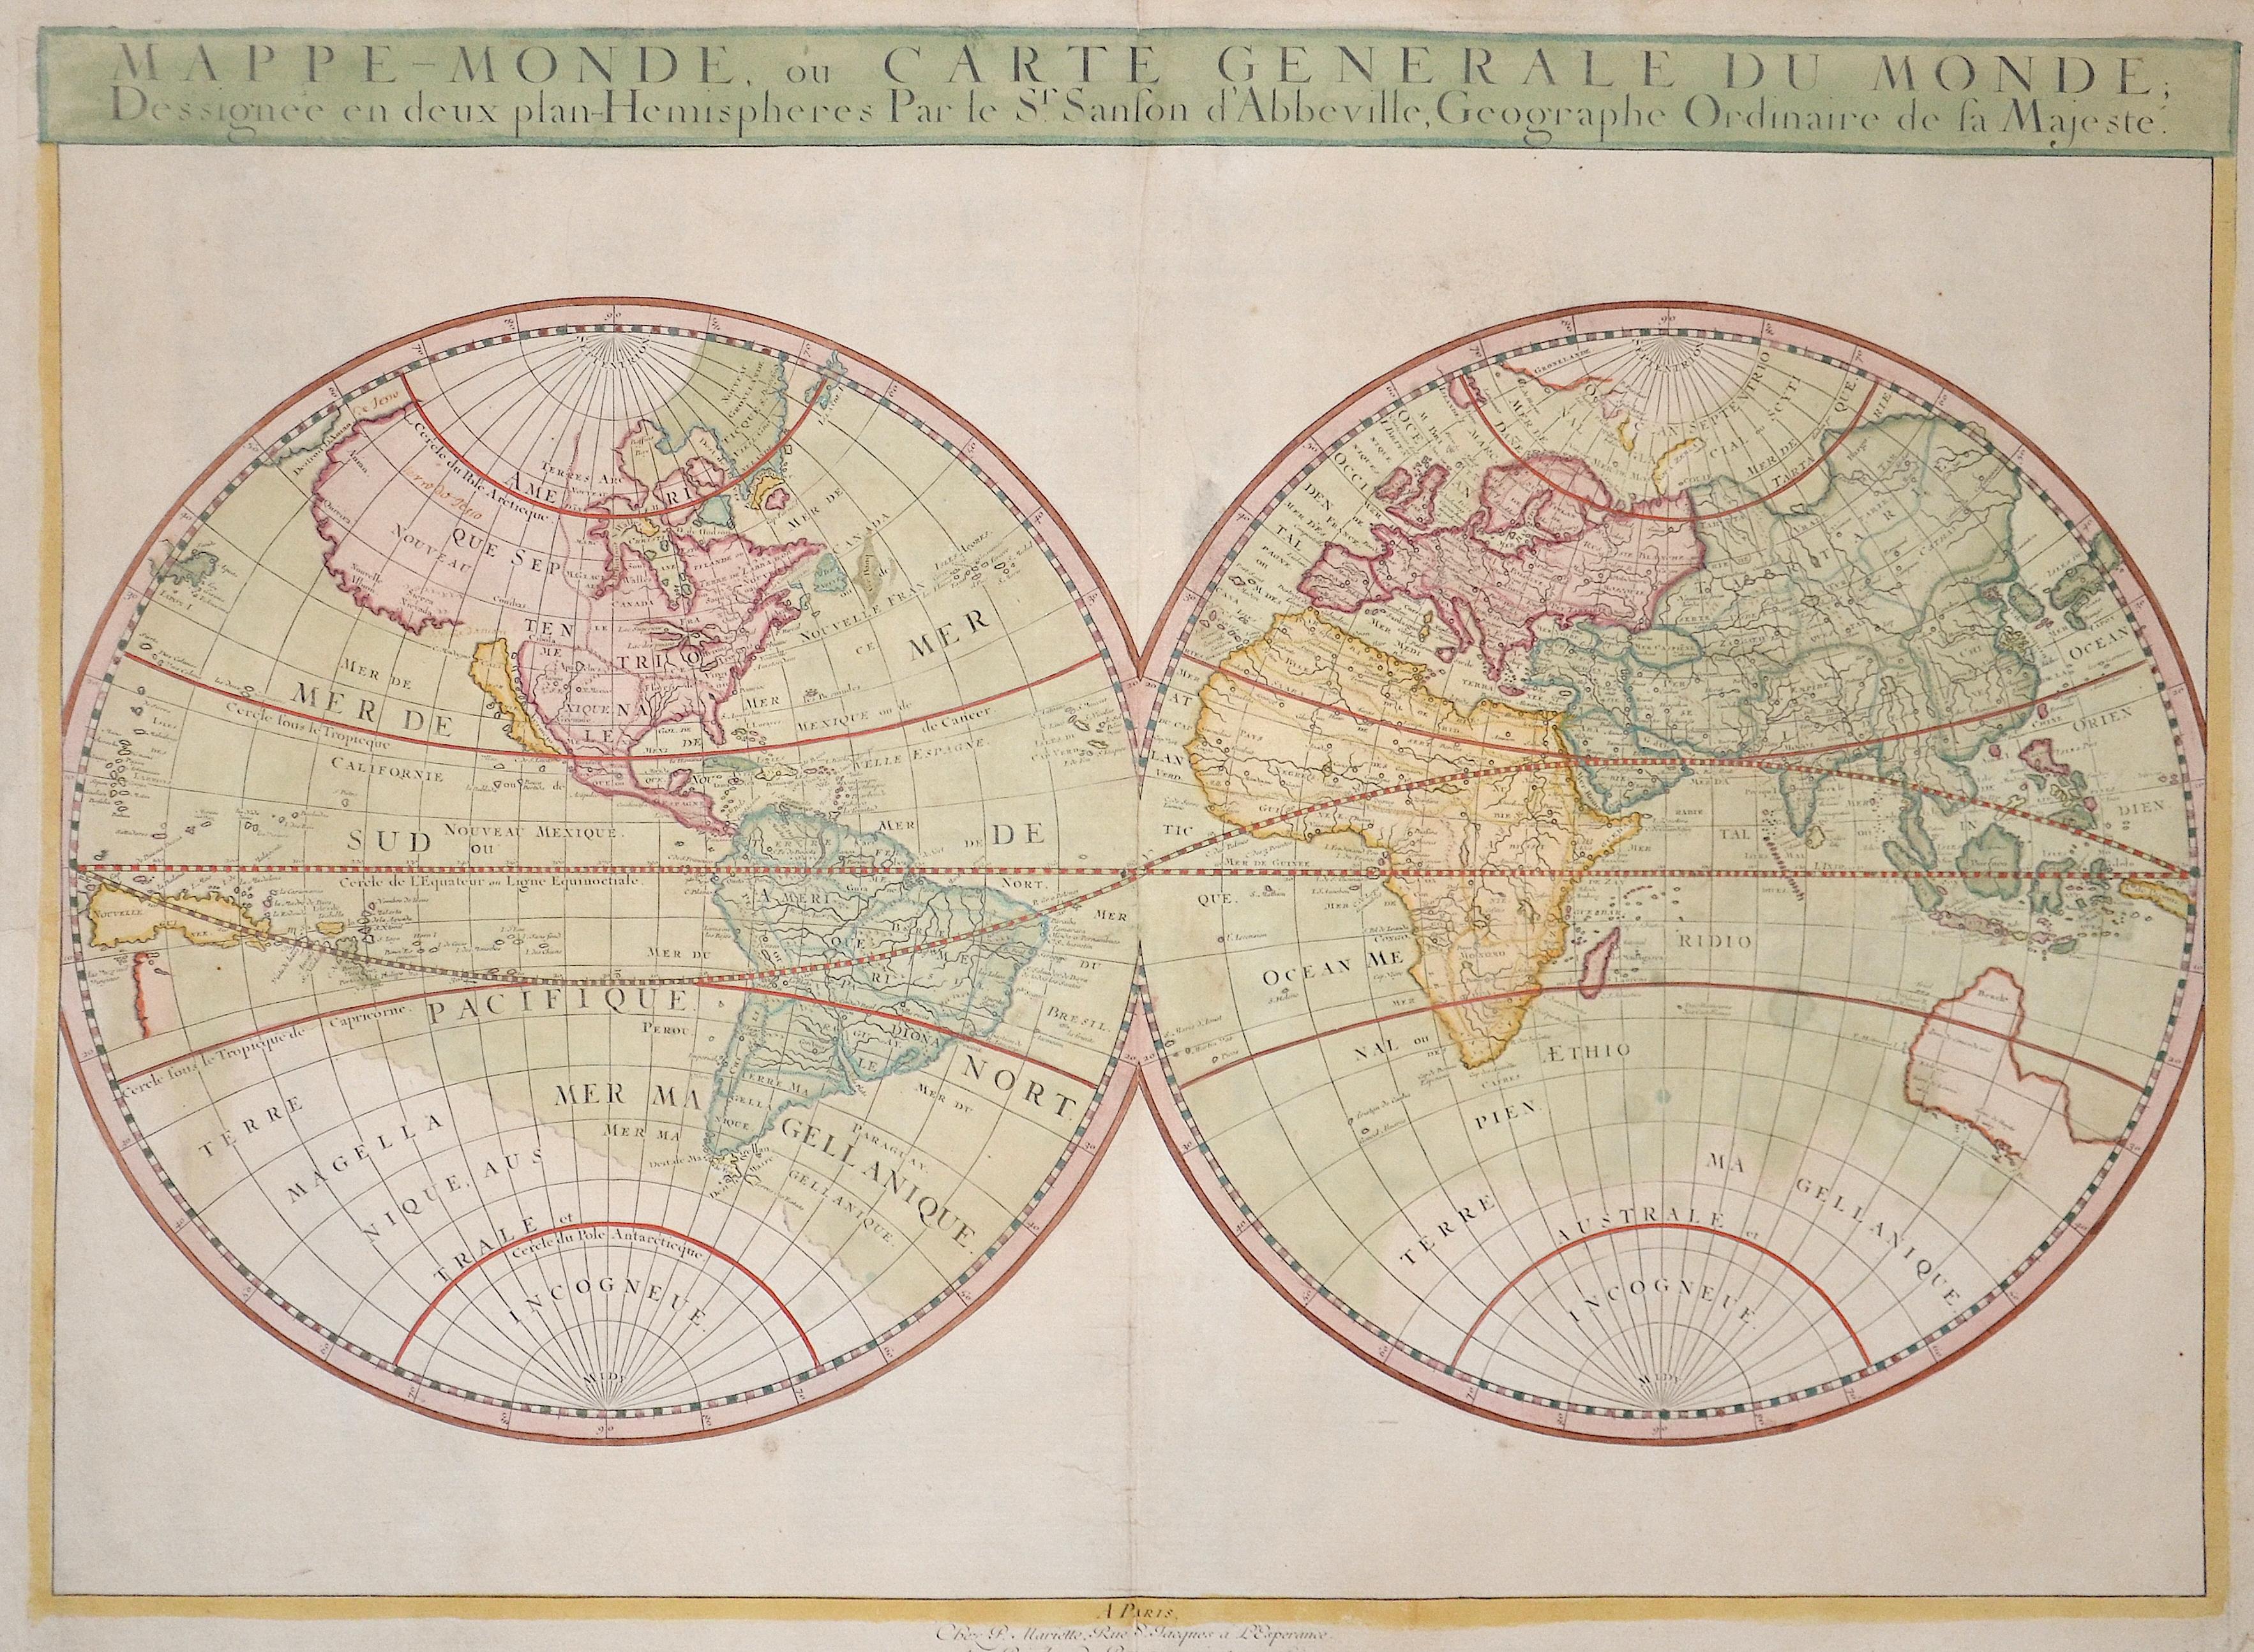 Sanson  Mappe-Monde, ou carte generale du Monde; Dessigneè en deux plan-Hemispheres Par le Sr. Sanson d'Abbeville, Geographe Ordinaire de sa Majeste.